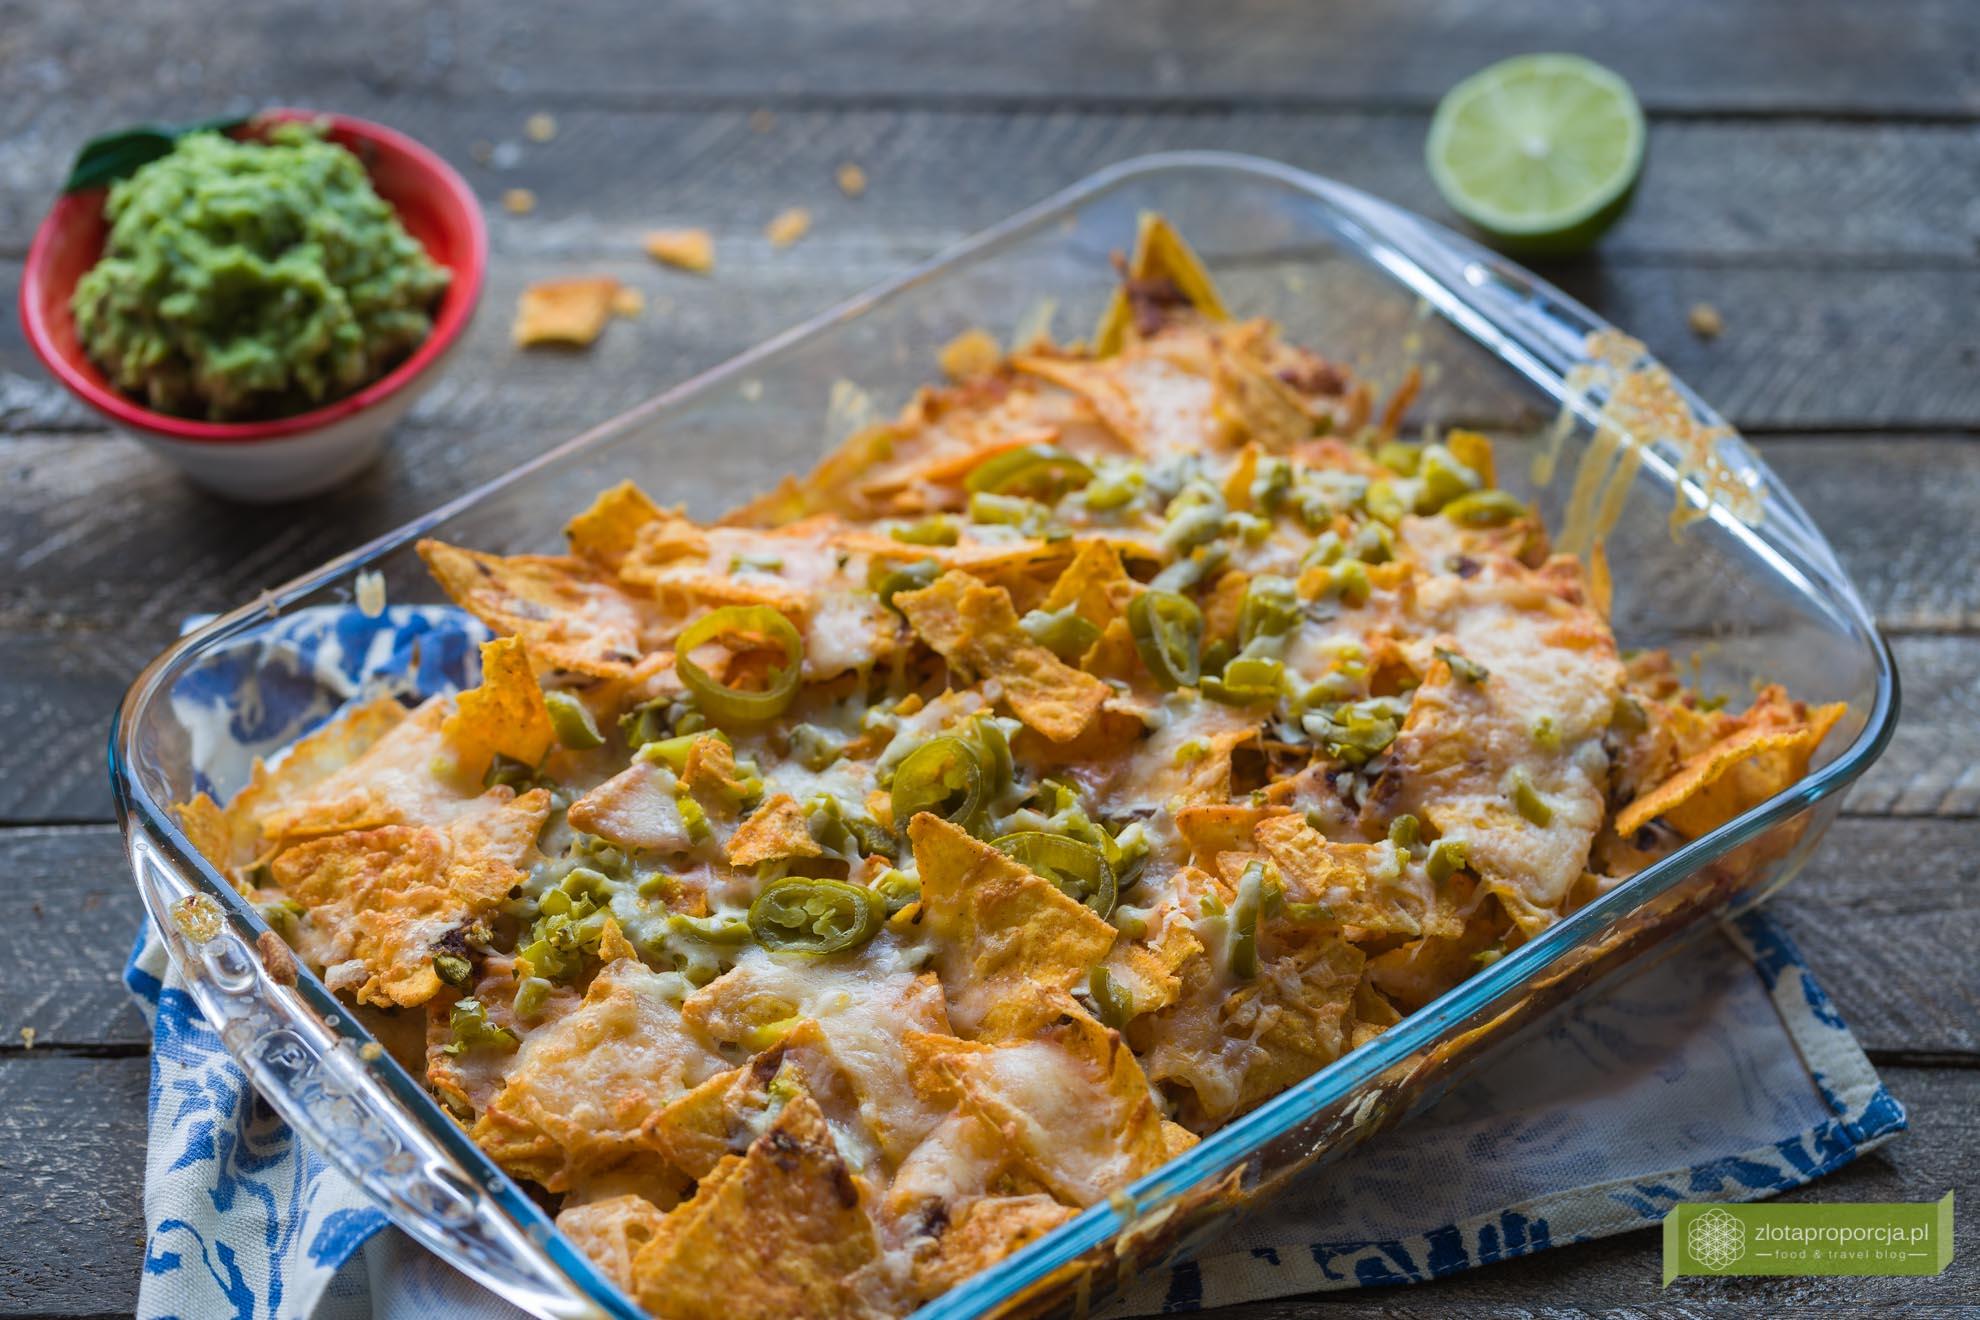 guacamole, nachosy z guacamole, kuchnia meksykańska, meksykańska salsa, salsa z awokado;